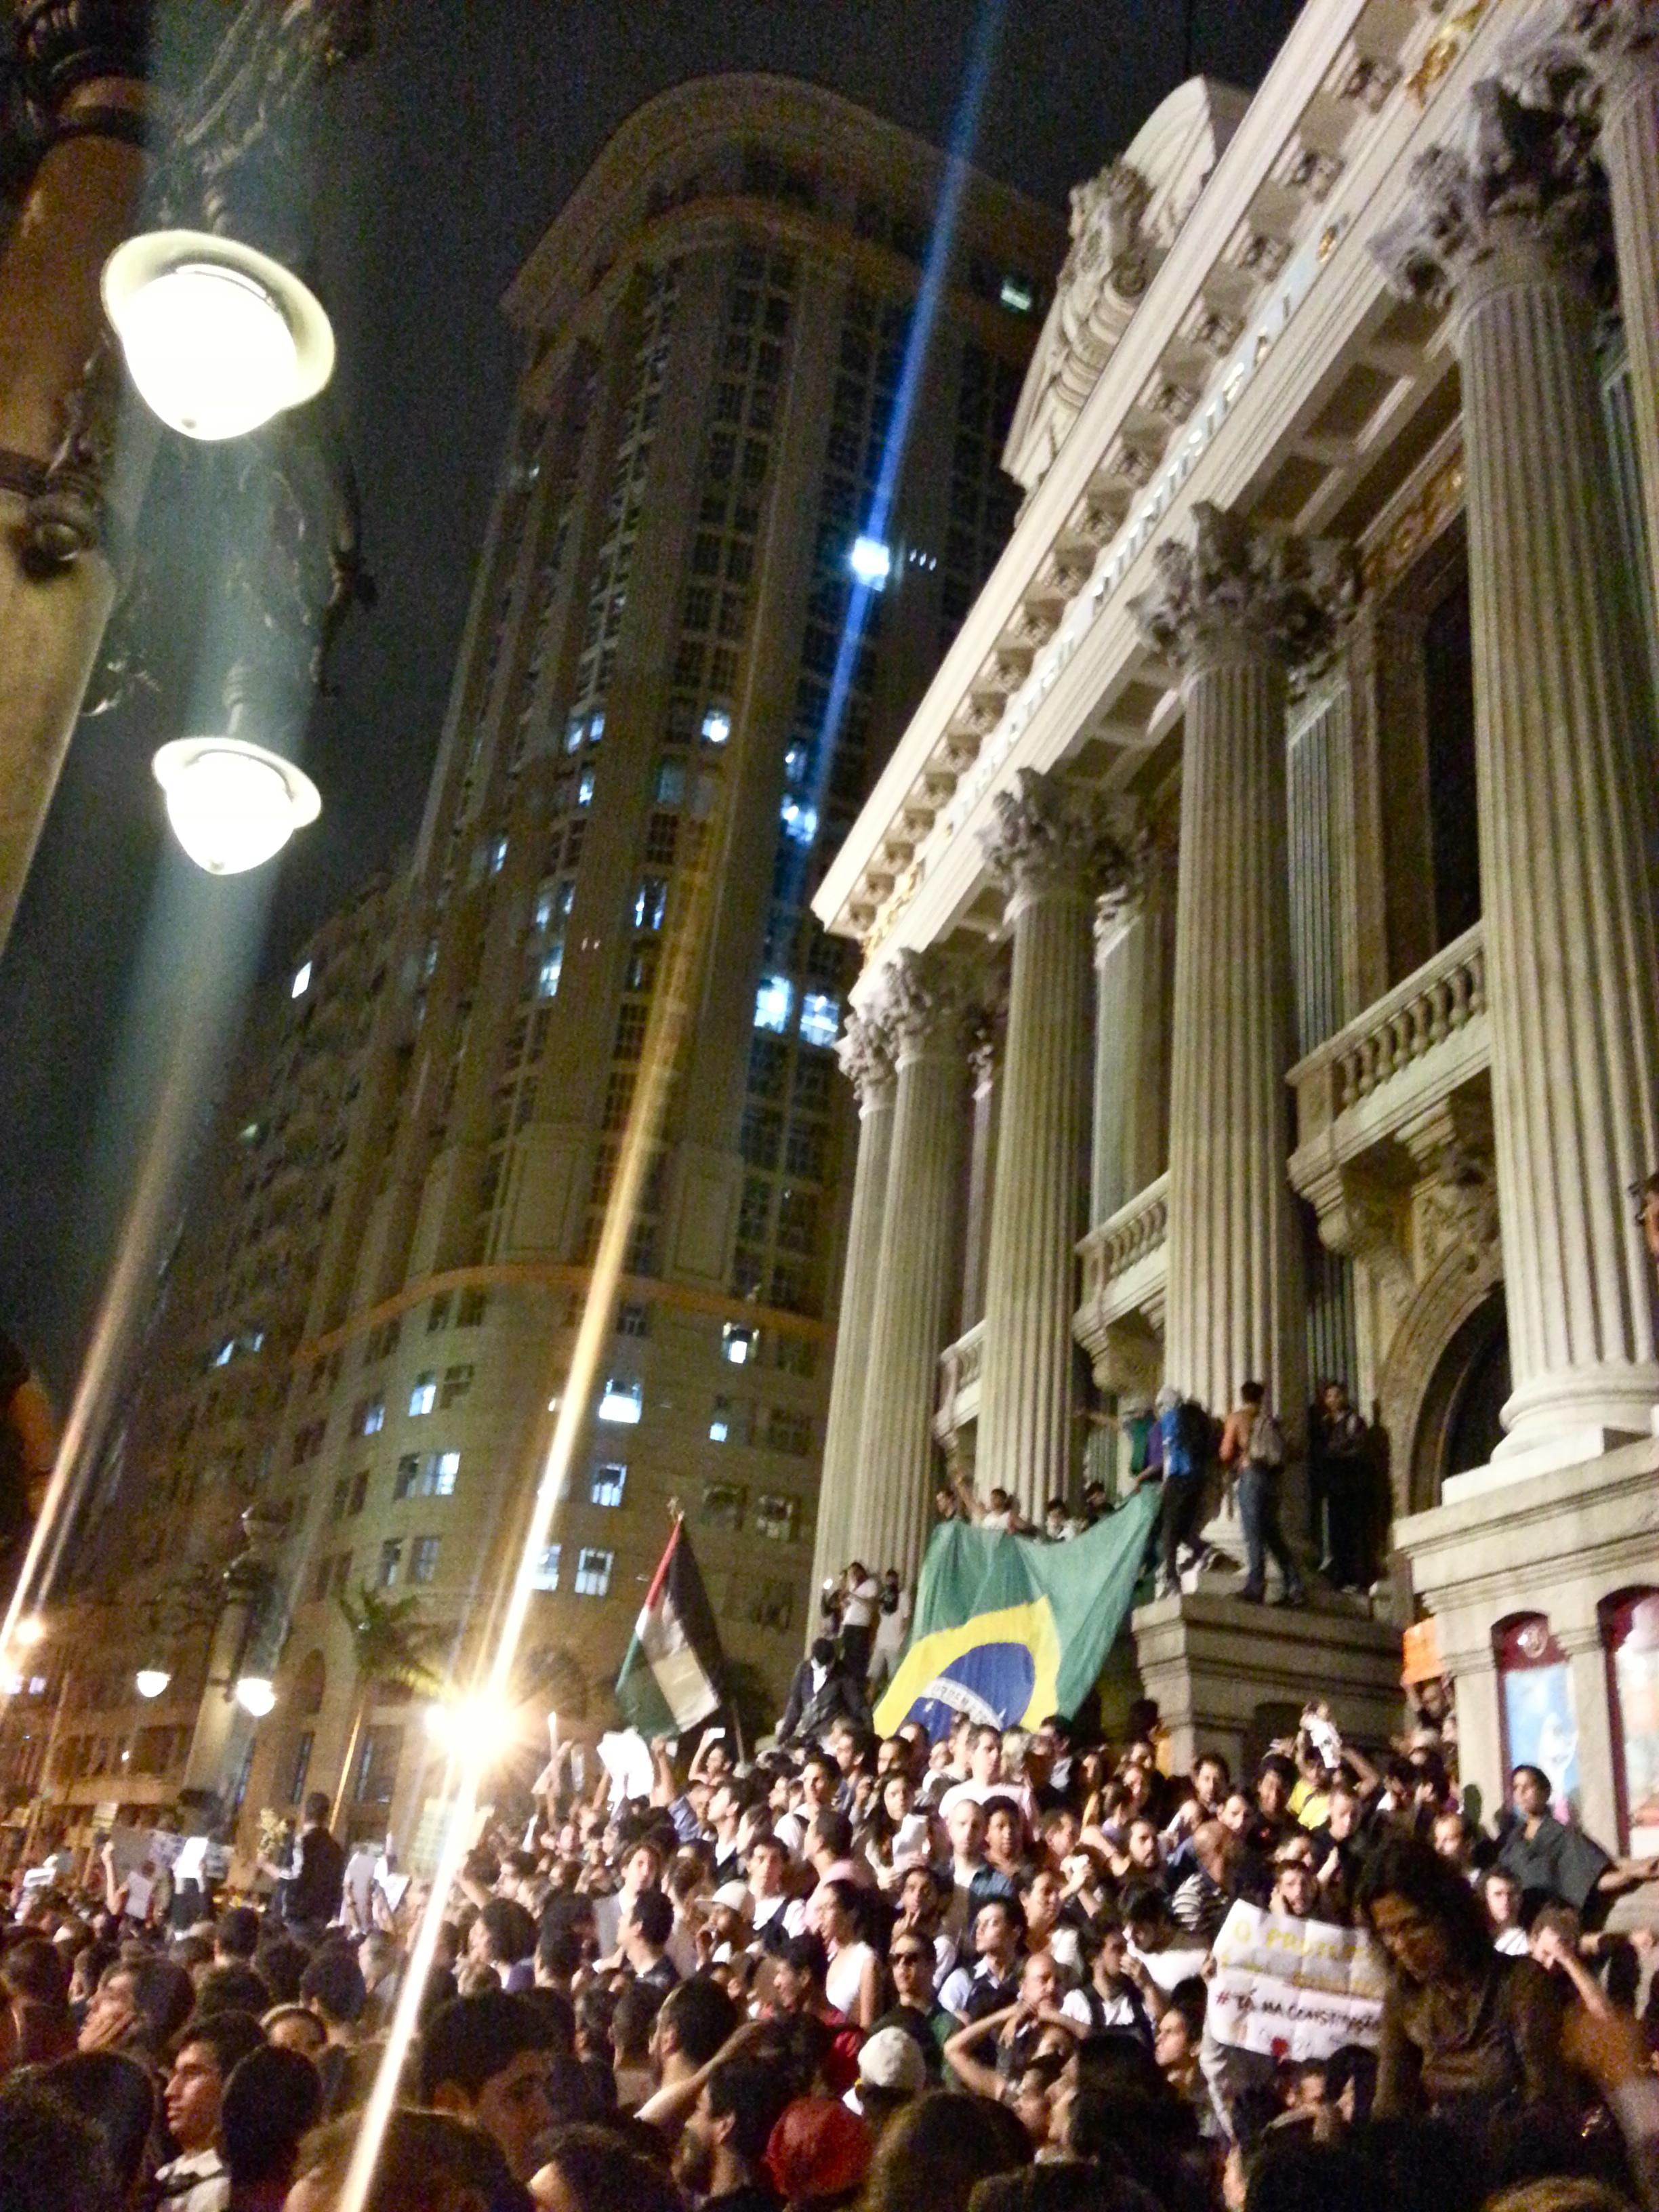 Rio de Janeiro, Brazil. June 2013. Eric Enrique Borja.